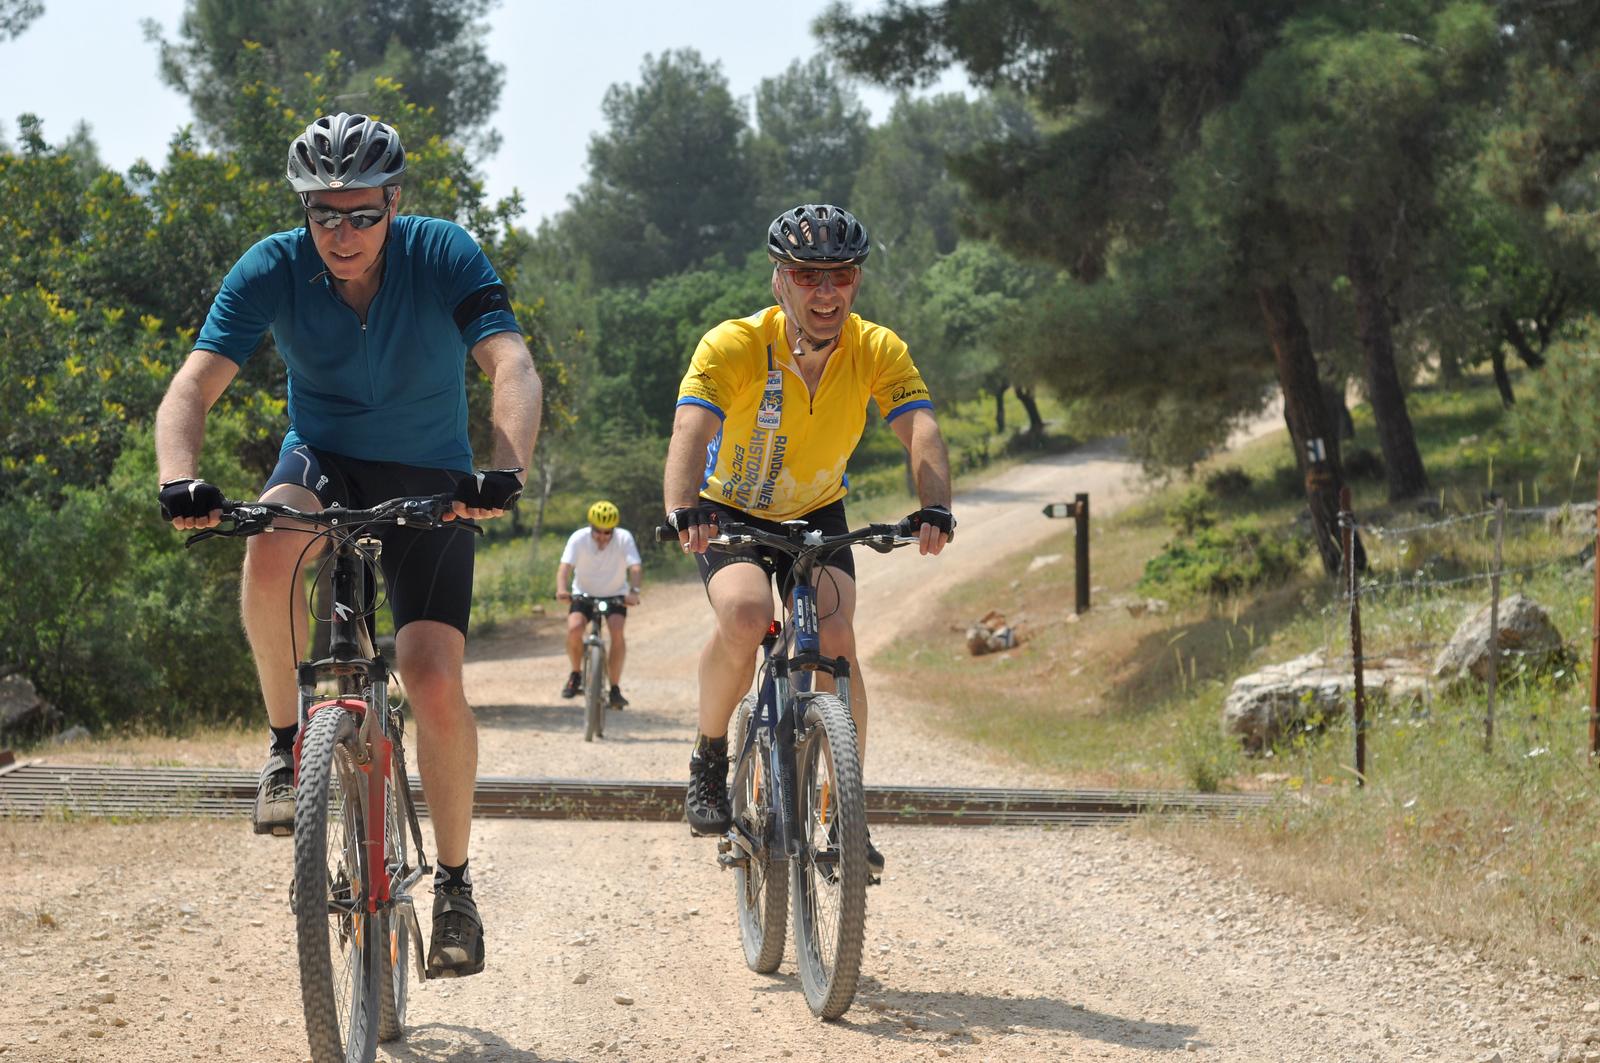 Israel: Galilee and Golan Heights Bike